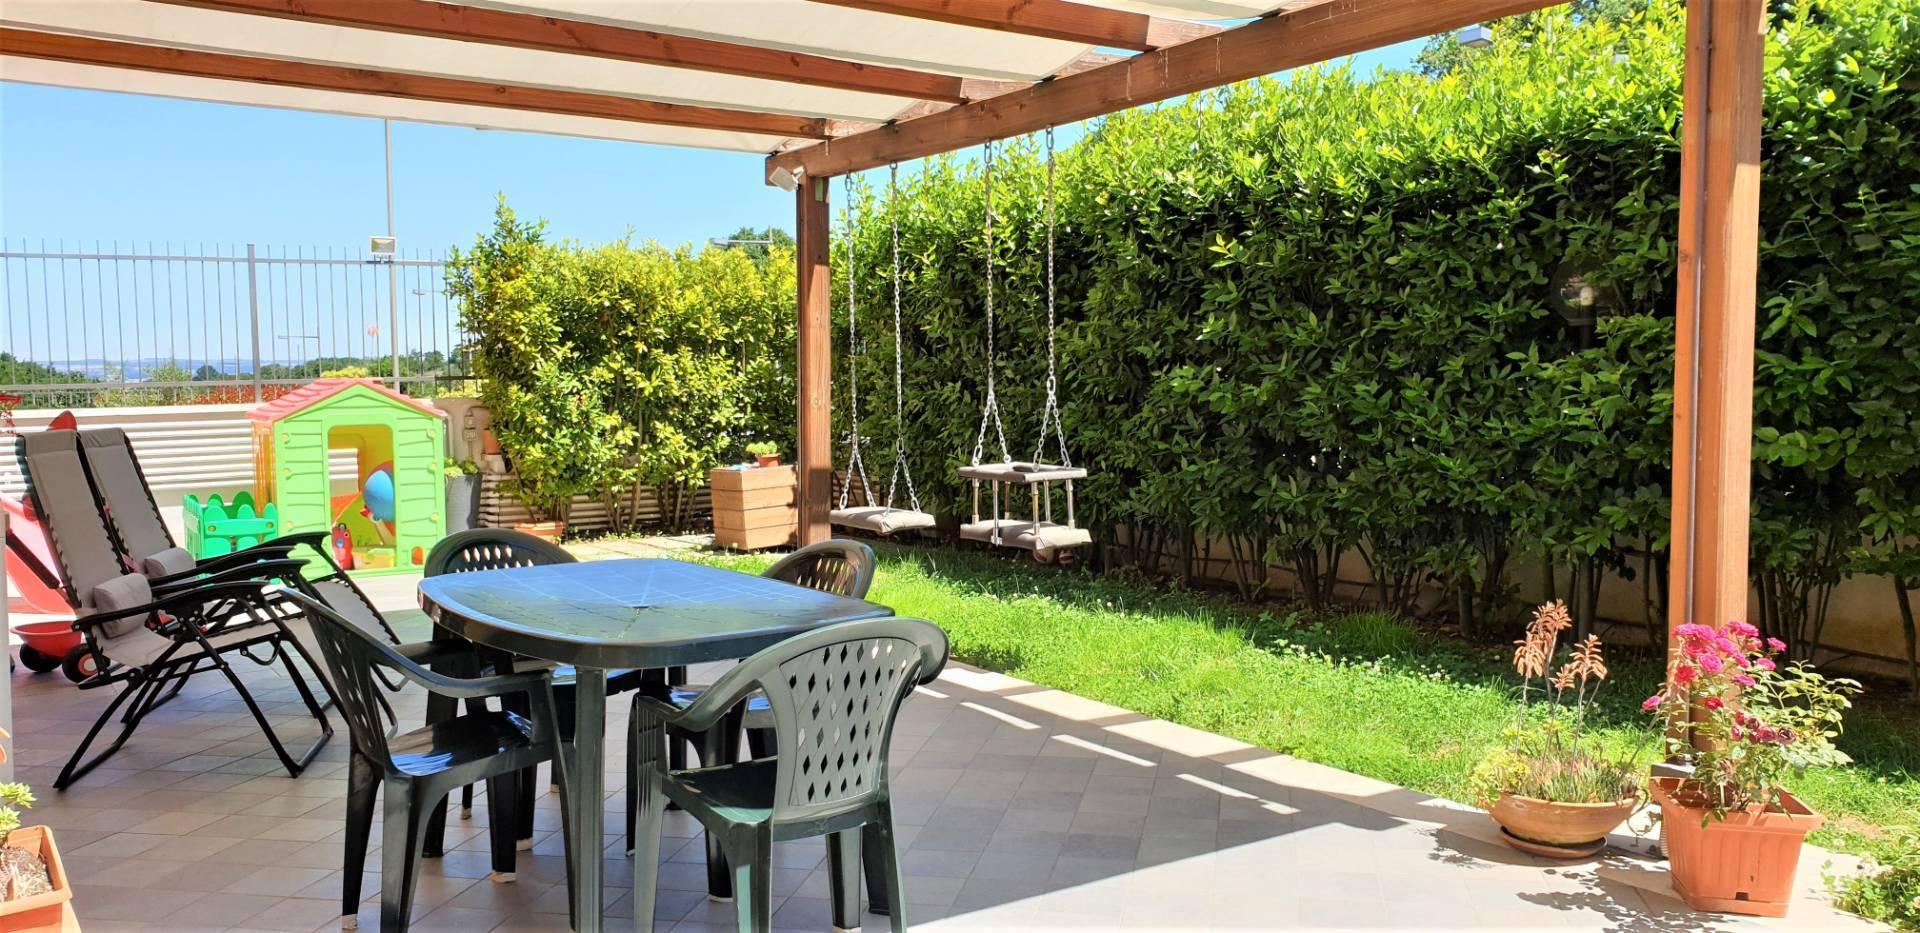 Appartamento in vendita a Viterbo, 5 locali, zona Località: LaQuercia, prezzo € 185.000 | CambioCasa.it